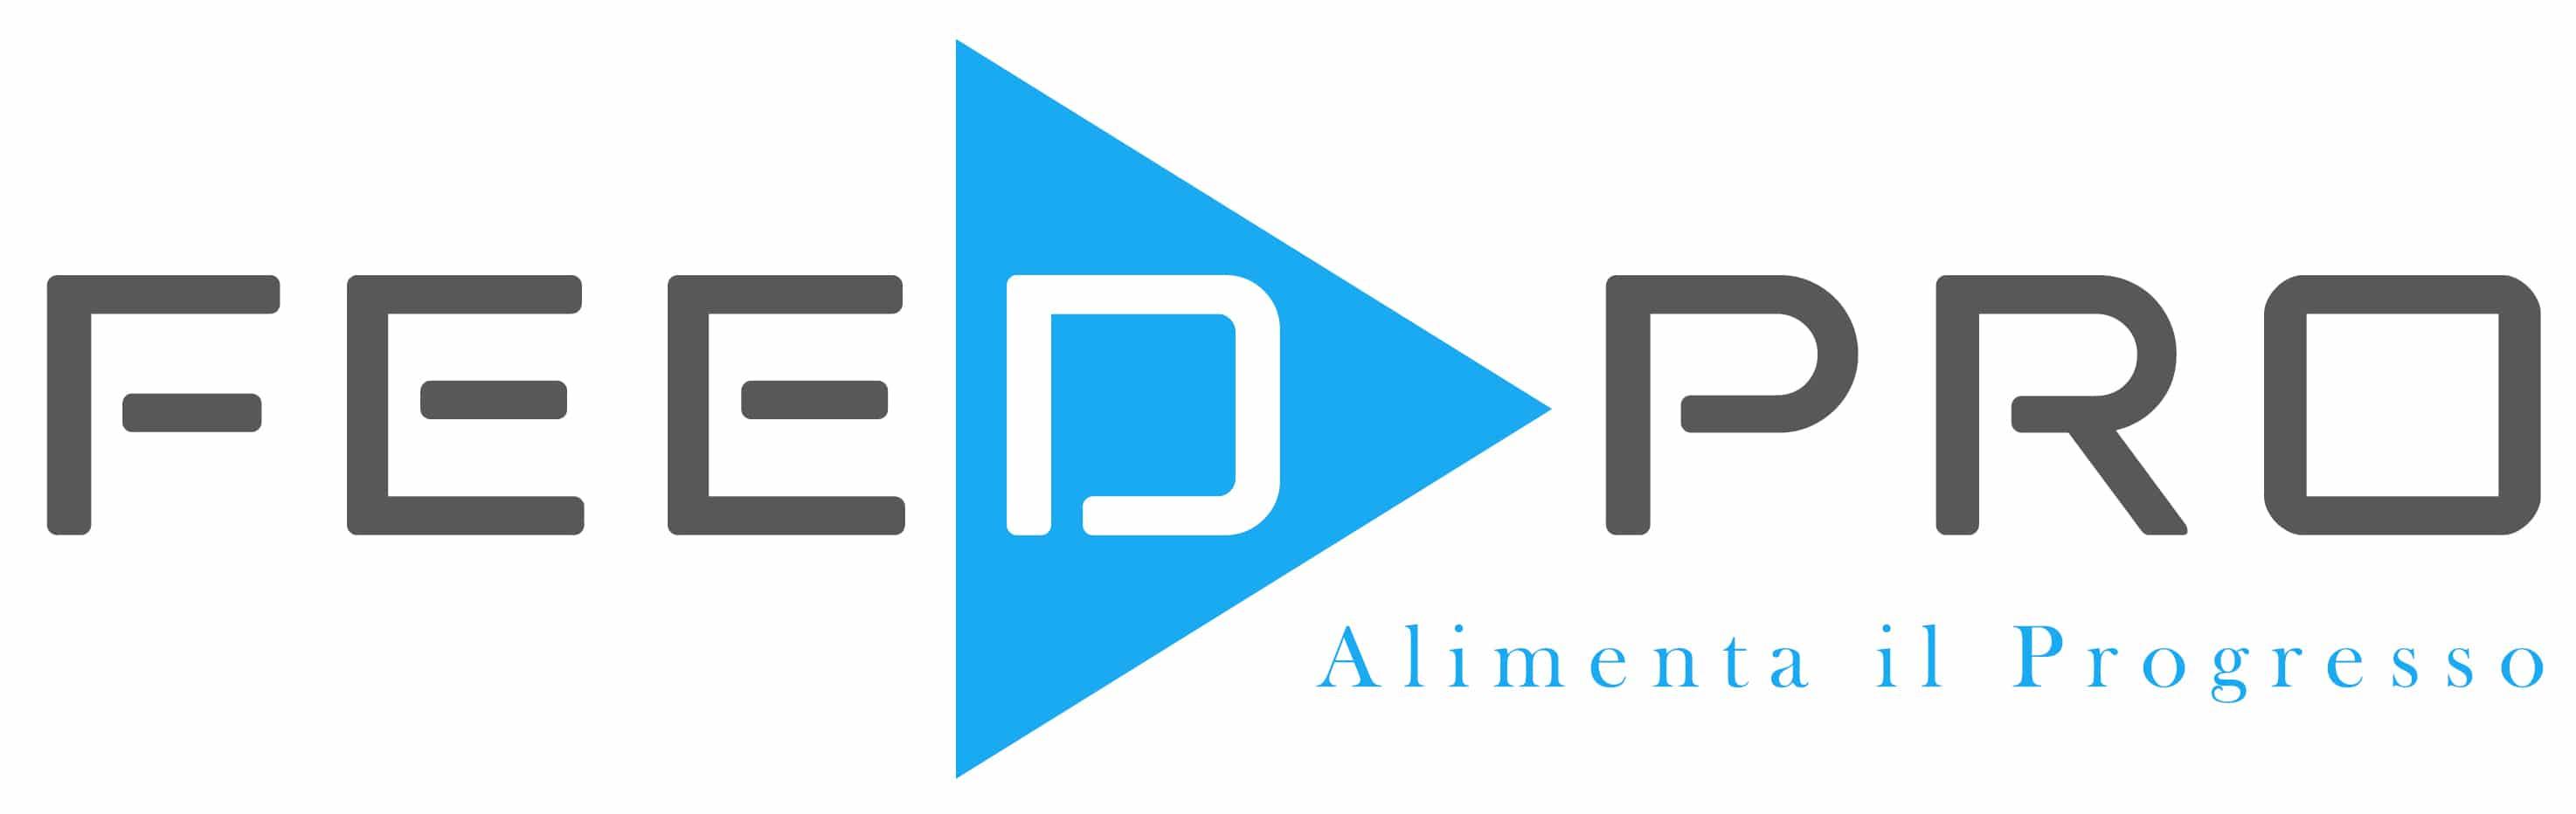 Feedpro_logo_italy